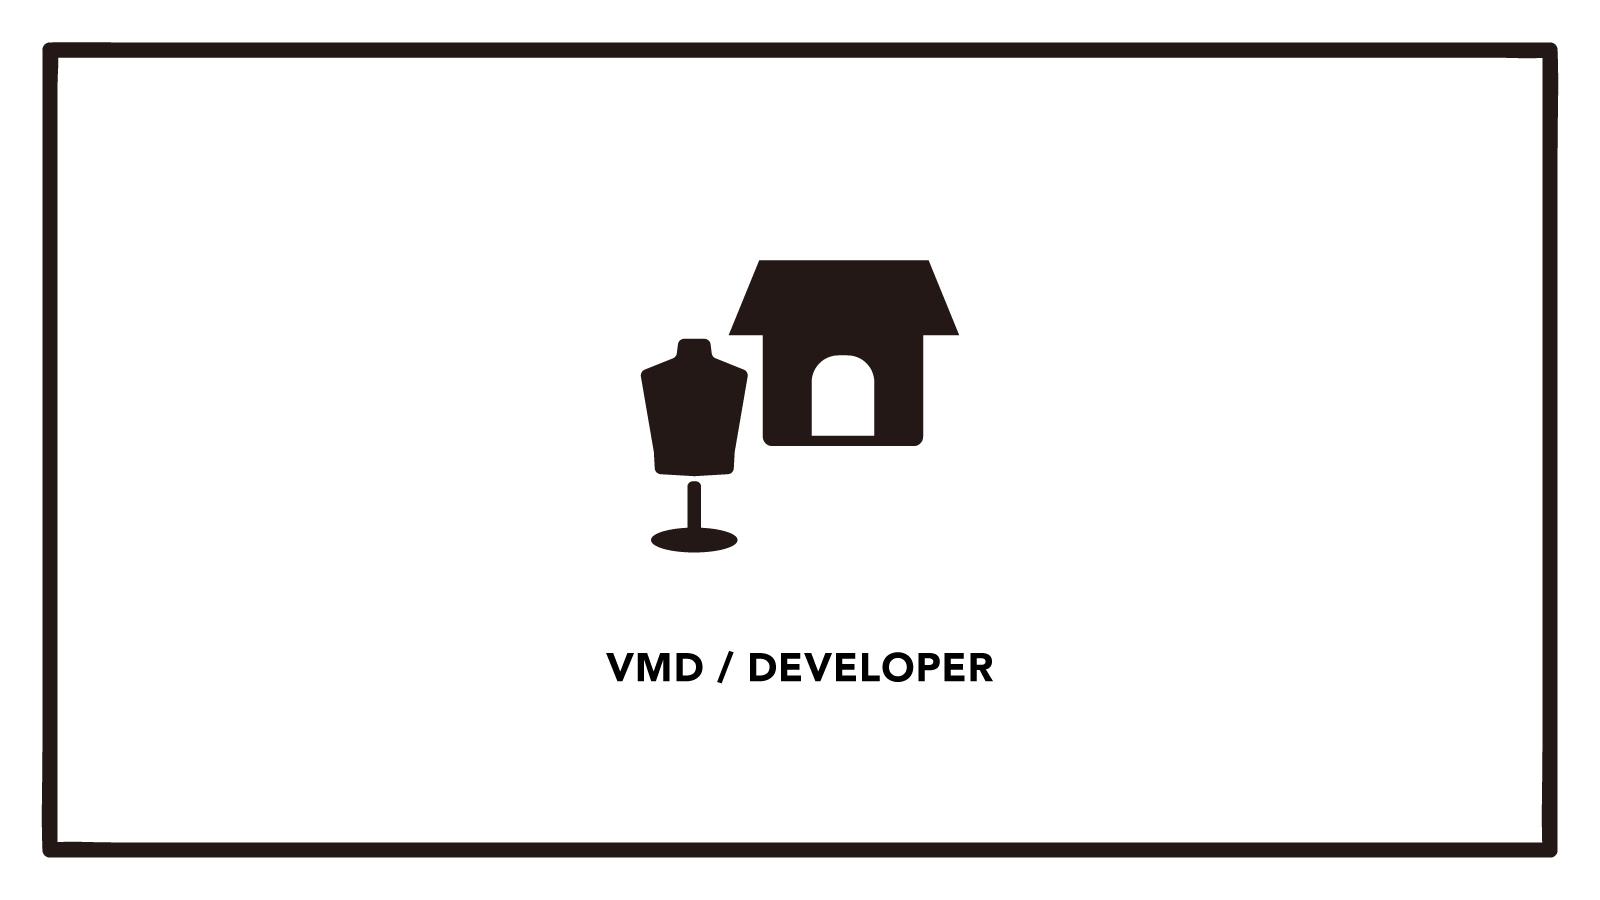 【VMD】人気のレディースブランドor新規出店のライフスタイルブランドを担当のカバー写真